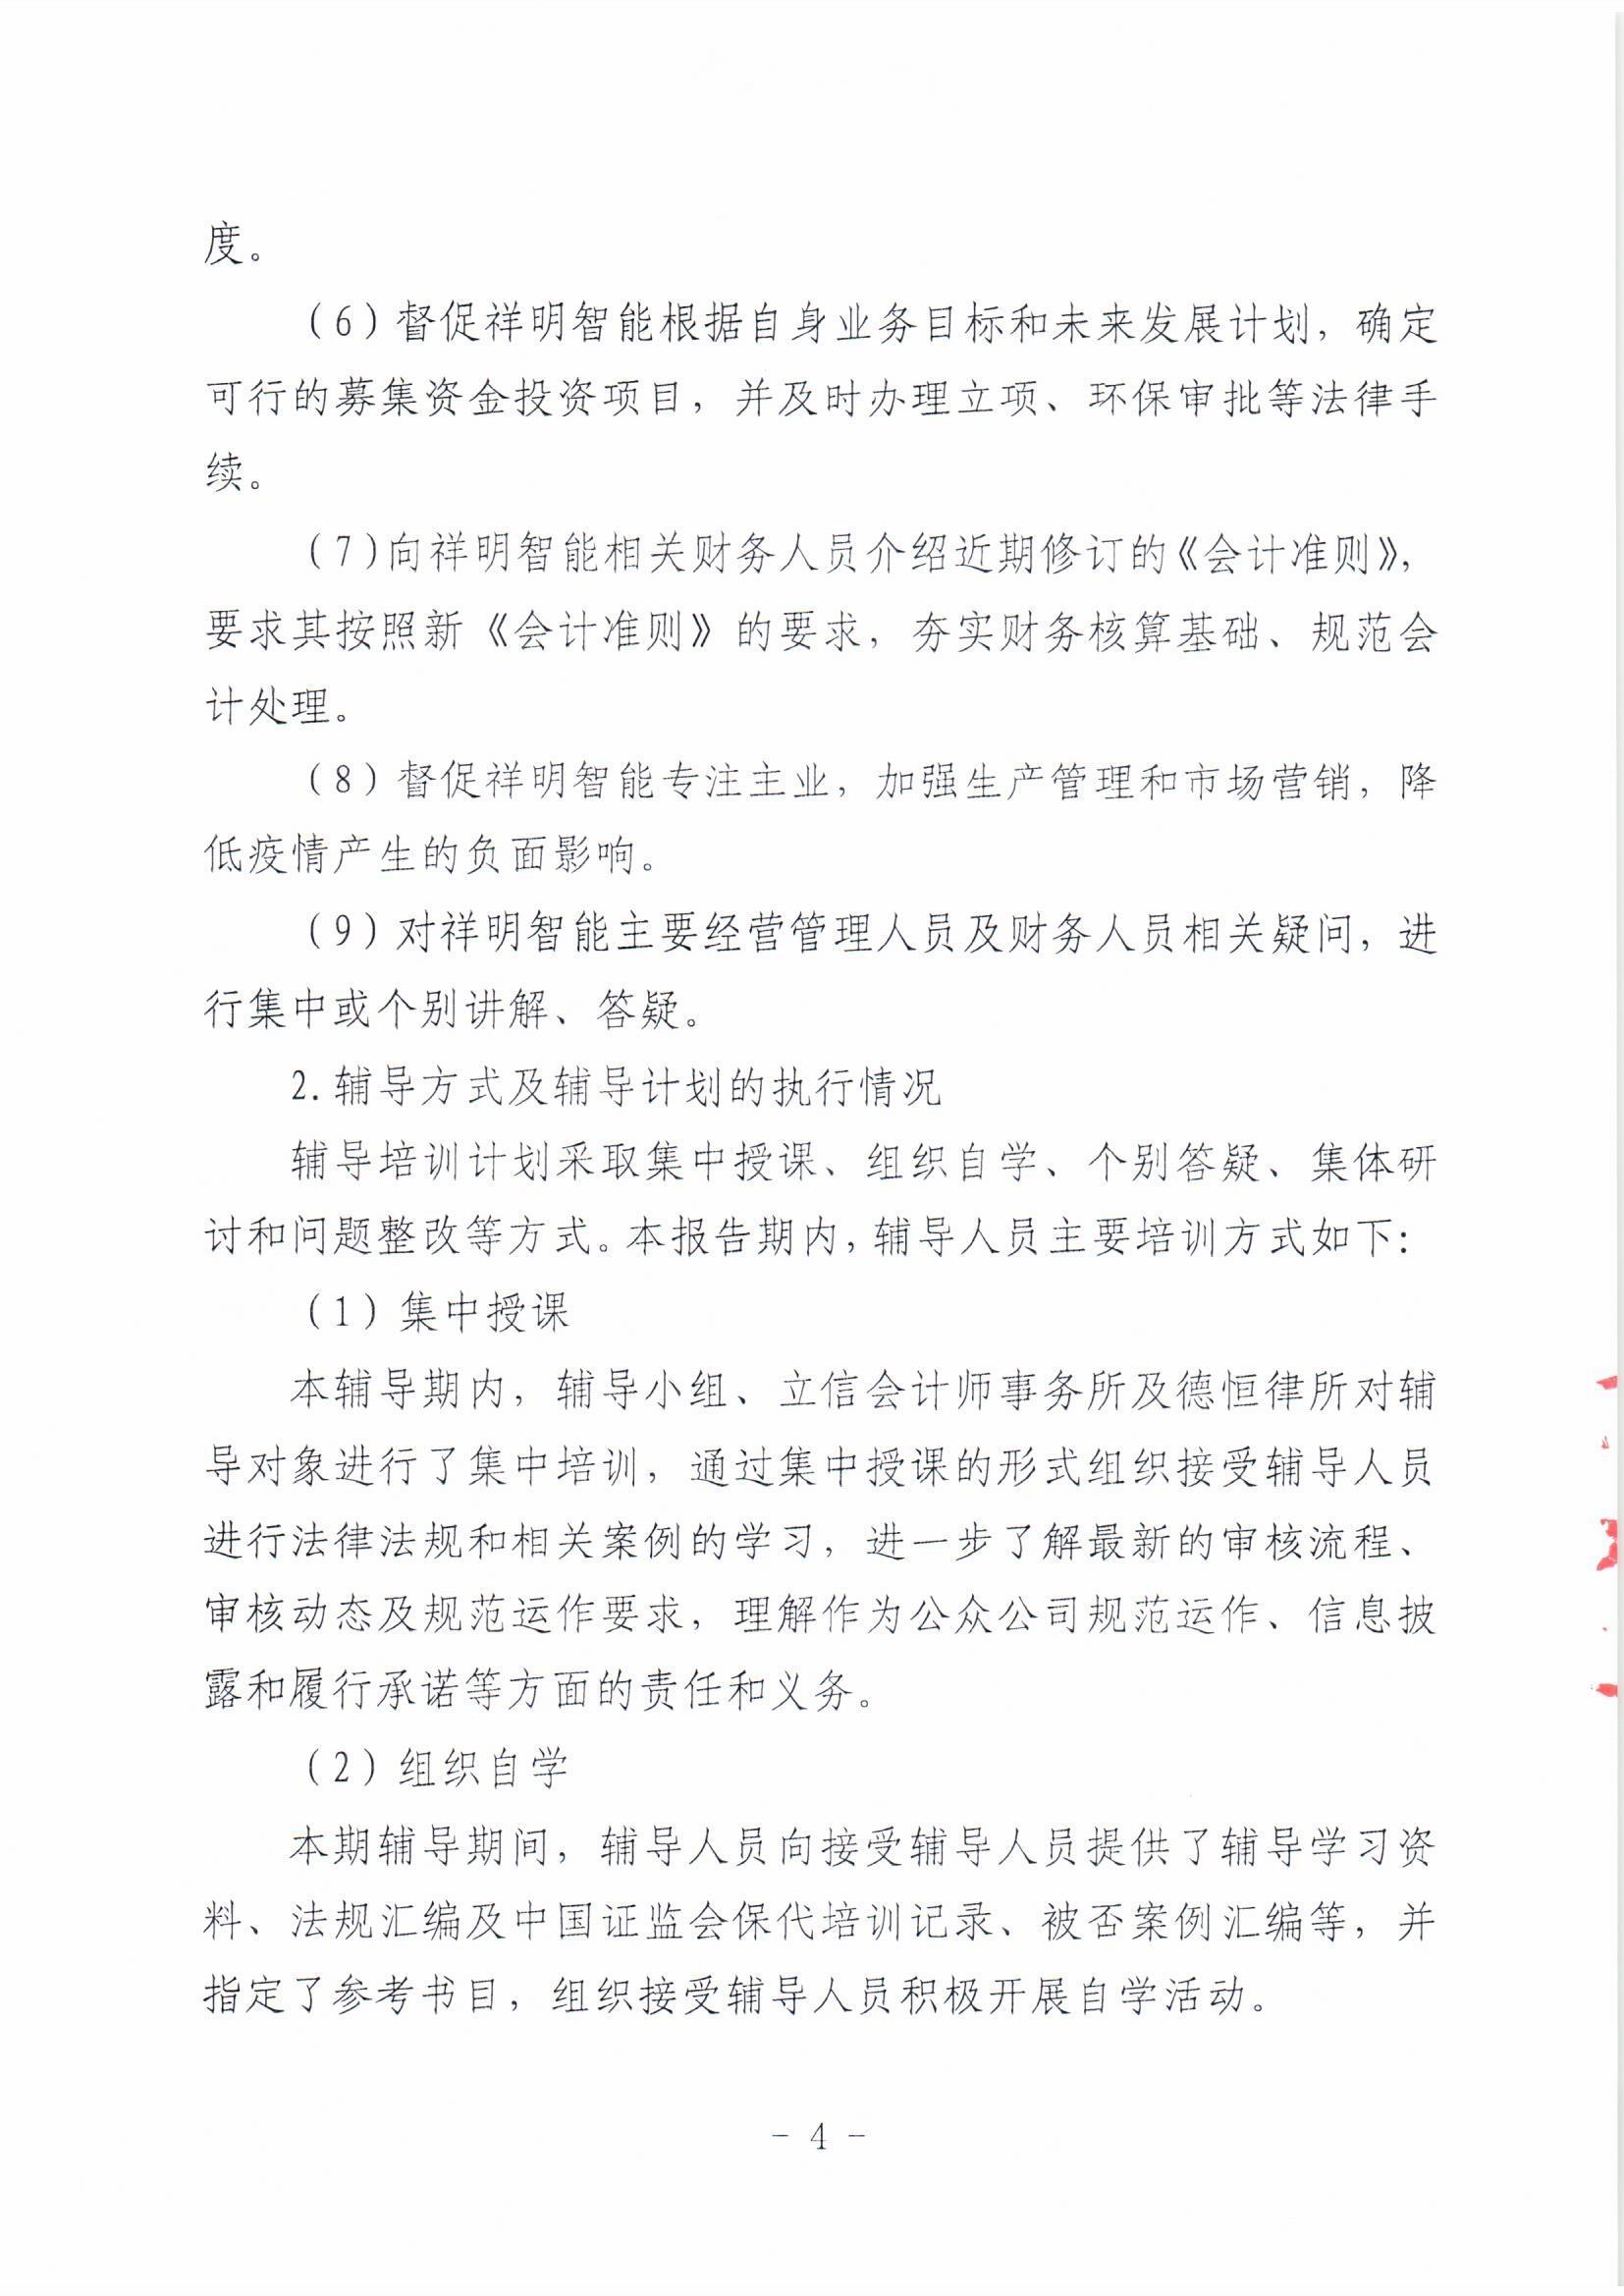 祥明智能第一期辅导的备案报告-上传版20200918_页面_04.jpg